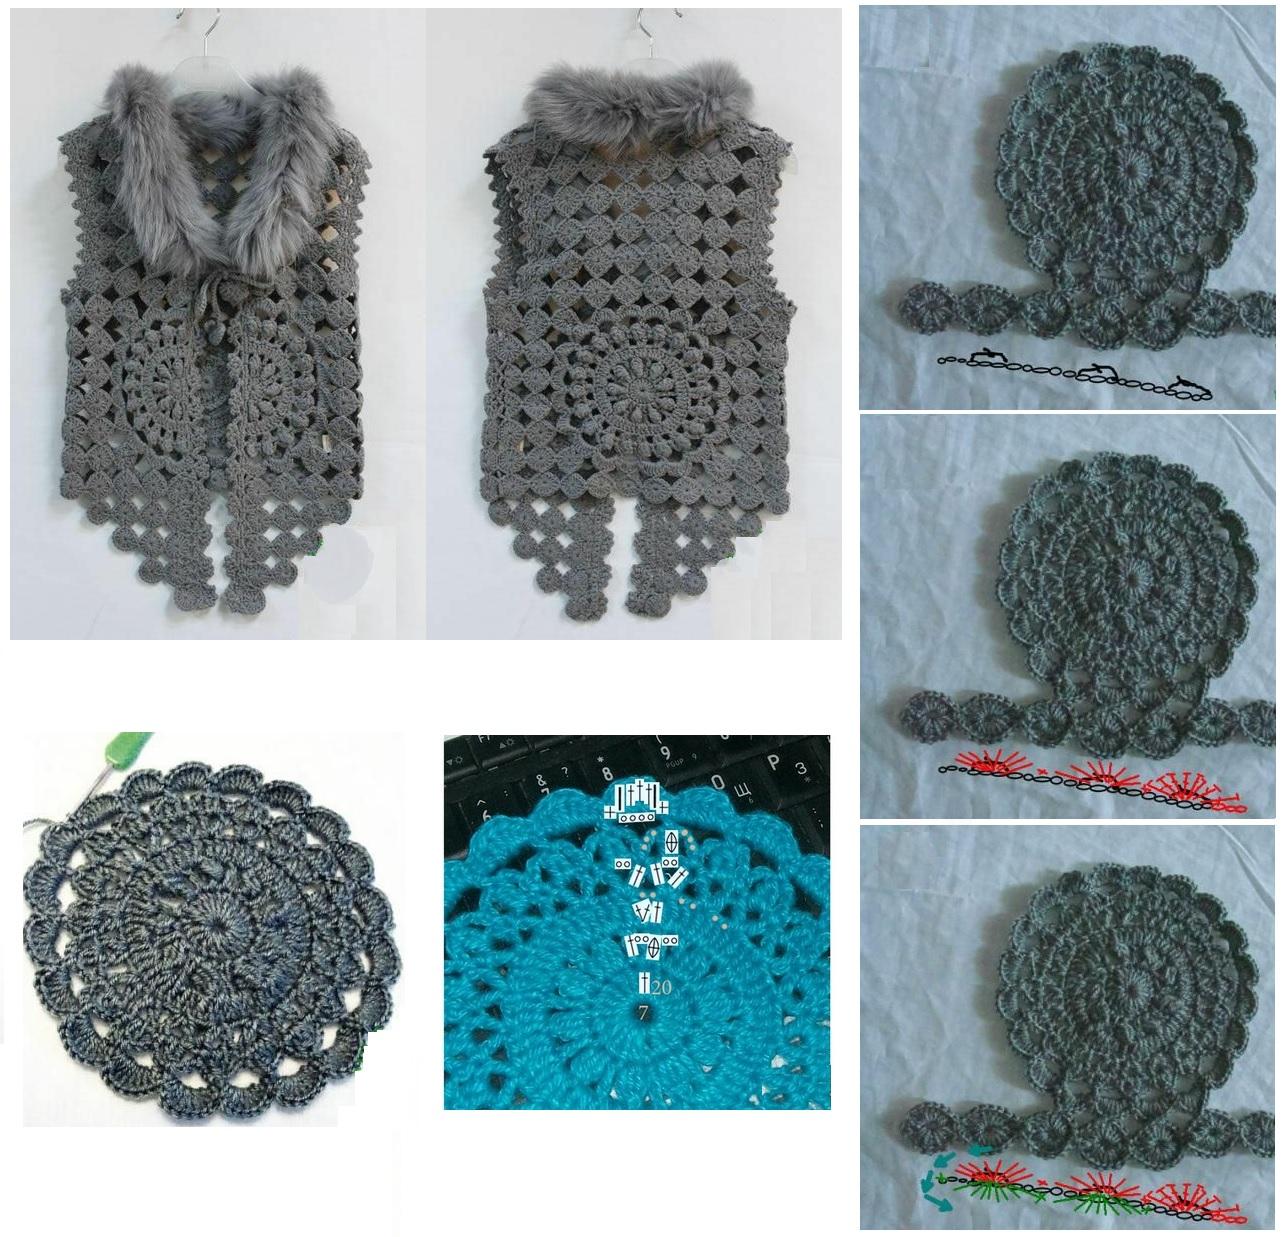 Chaleco circulos crochet - Imagui